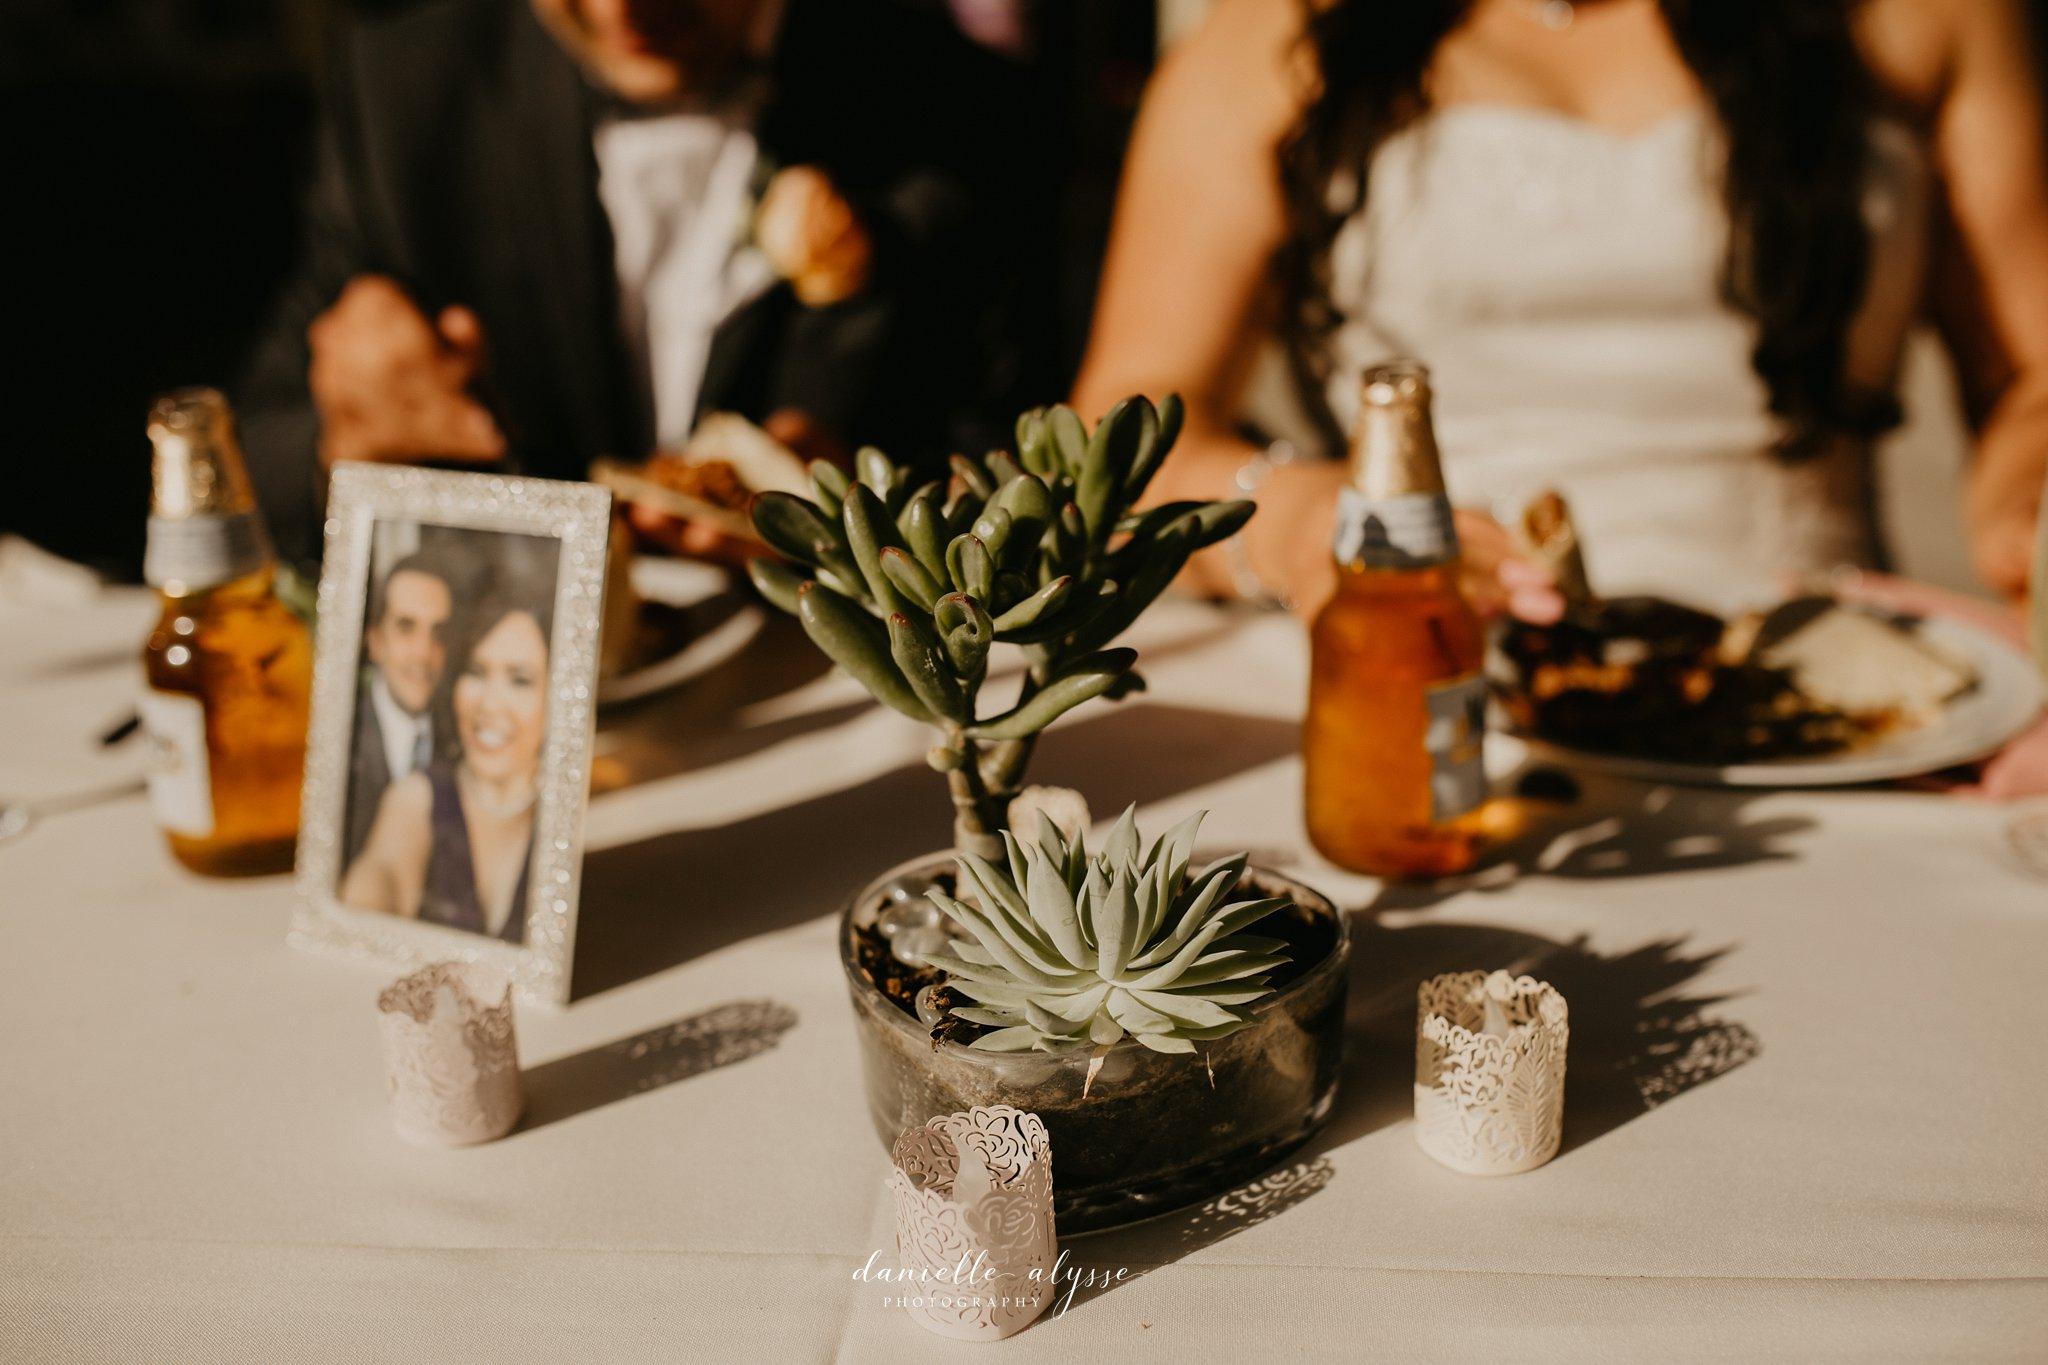 180630_wedding_lily_ryan_mission_soledad_california_danielle_alysse_photography_blog_833_WEB.jpg